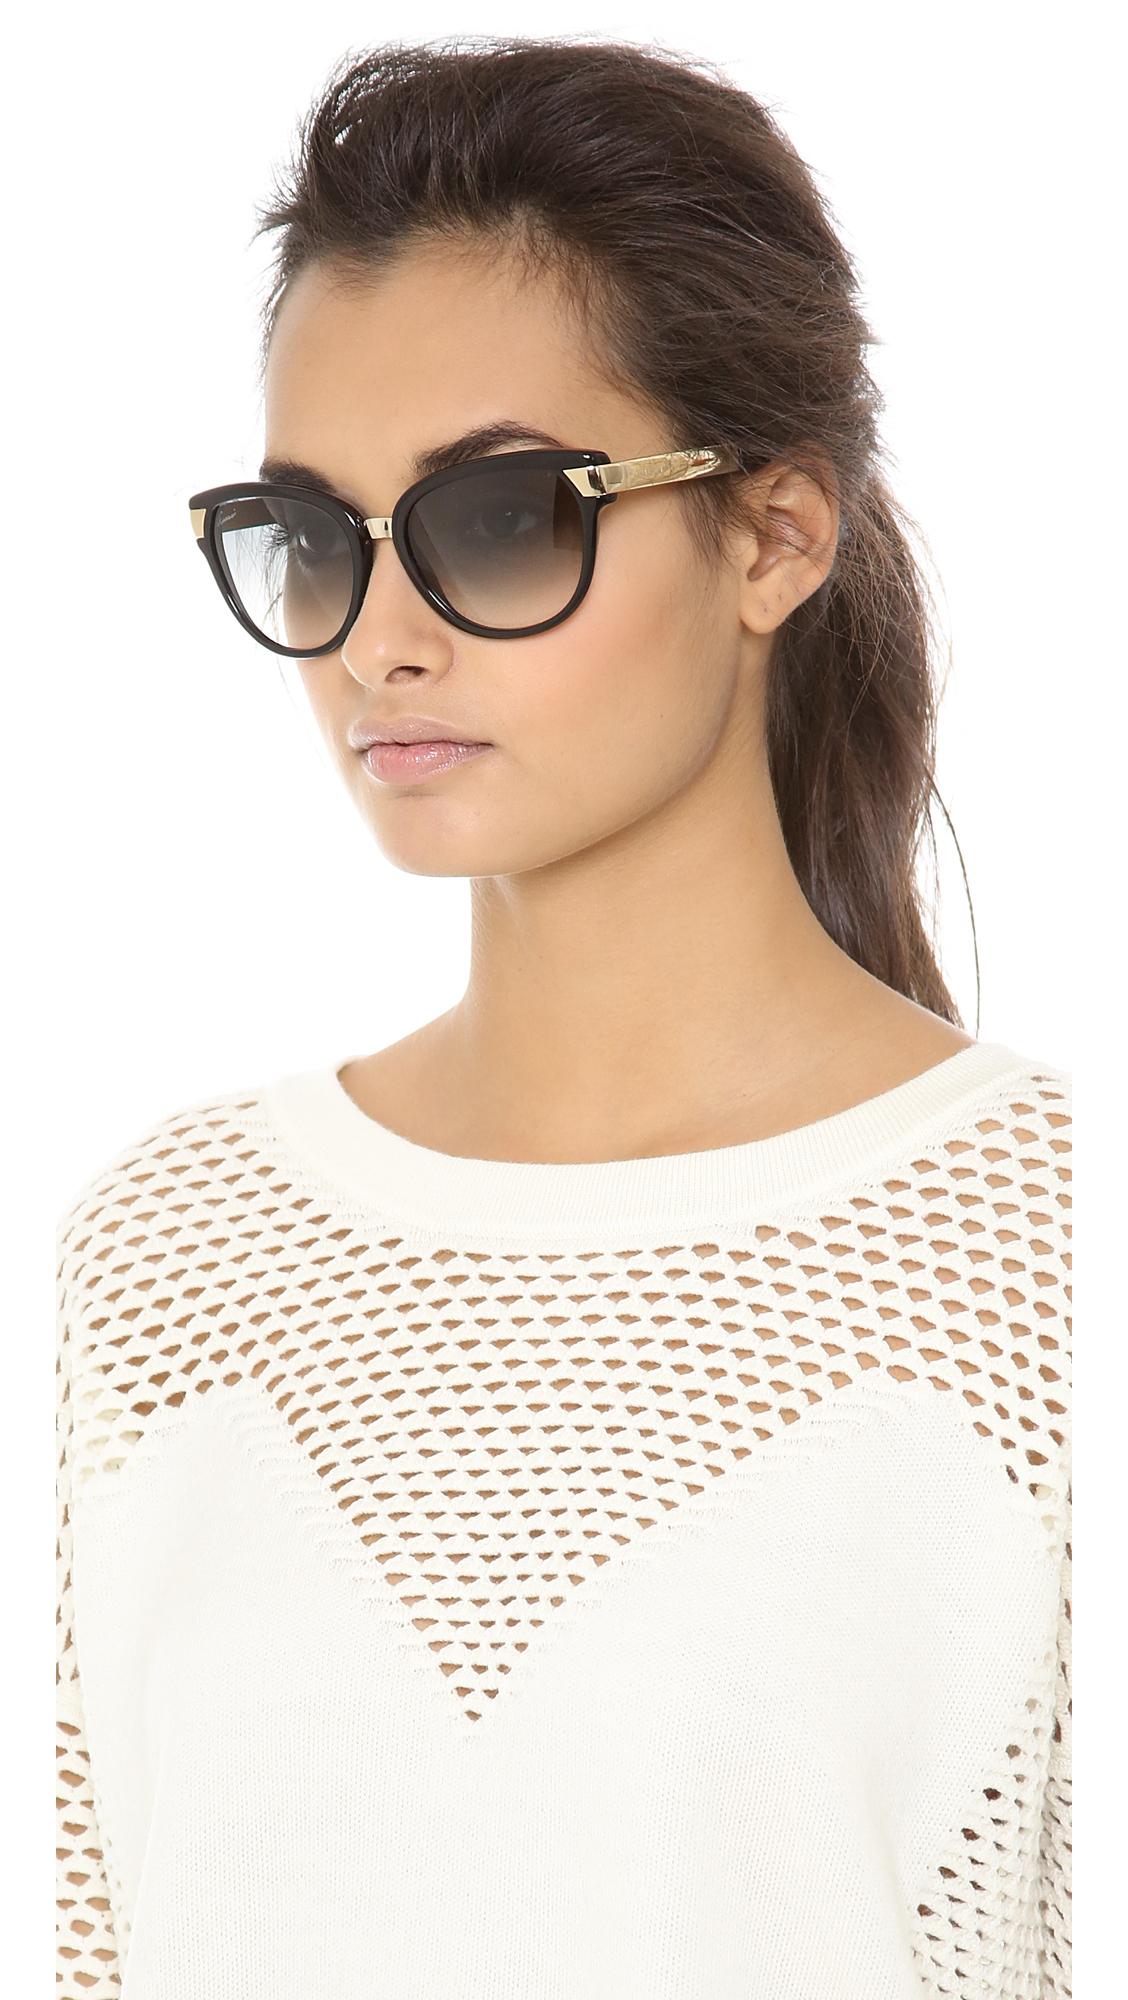 0ac3f2da73c4 Gucci Cat Eye Sunglasses Blackgreen Gradient in Black - Lyst